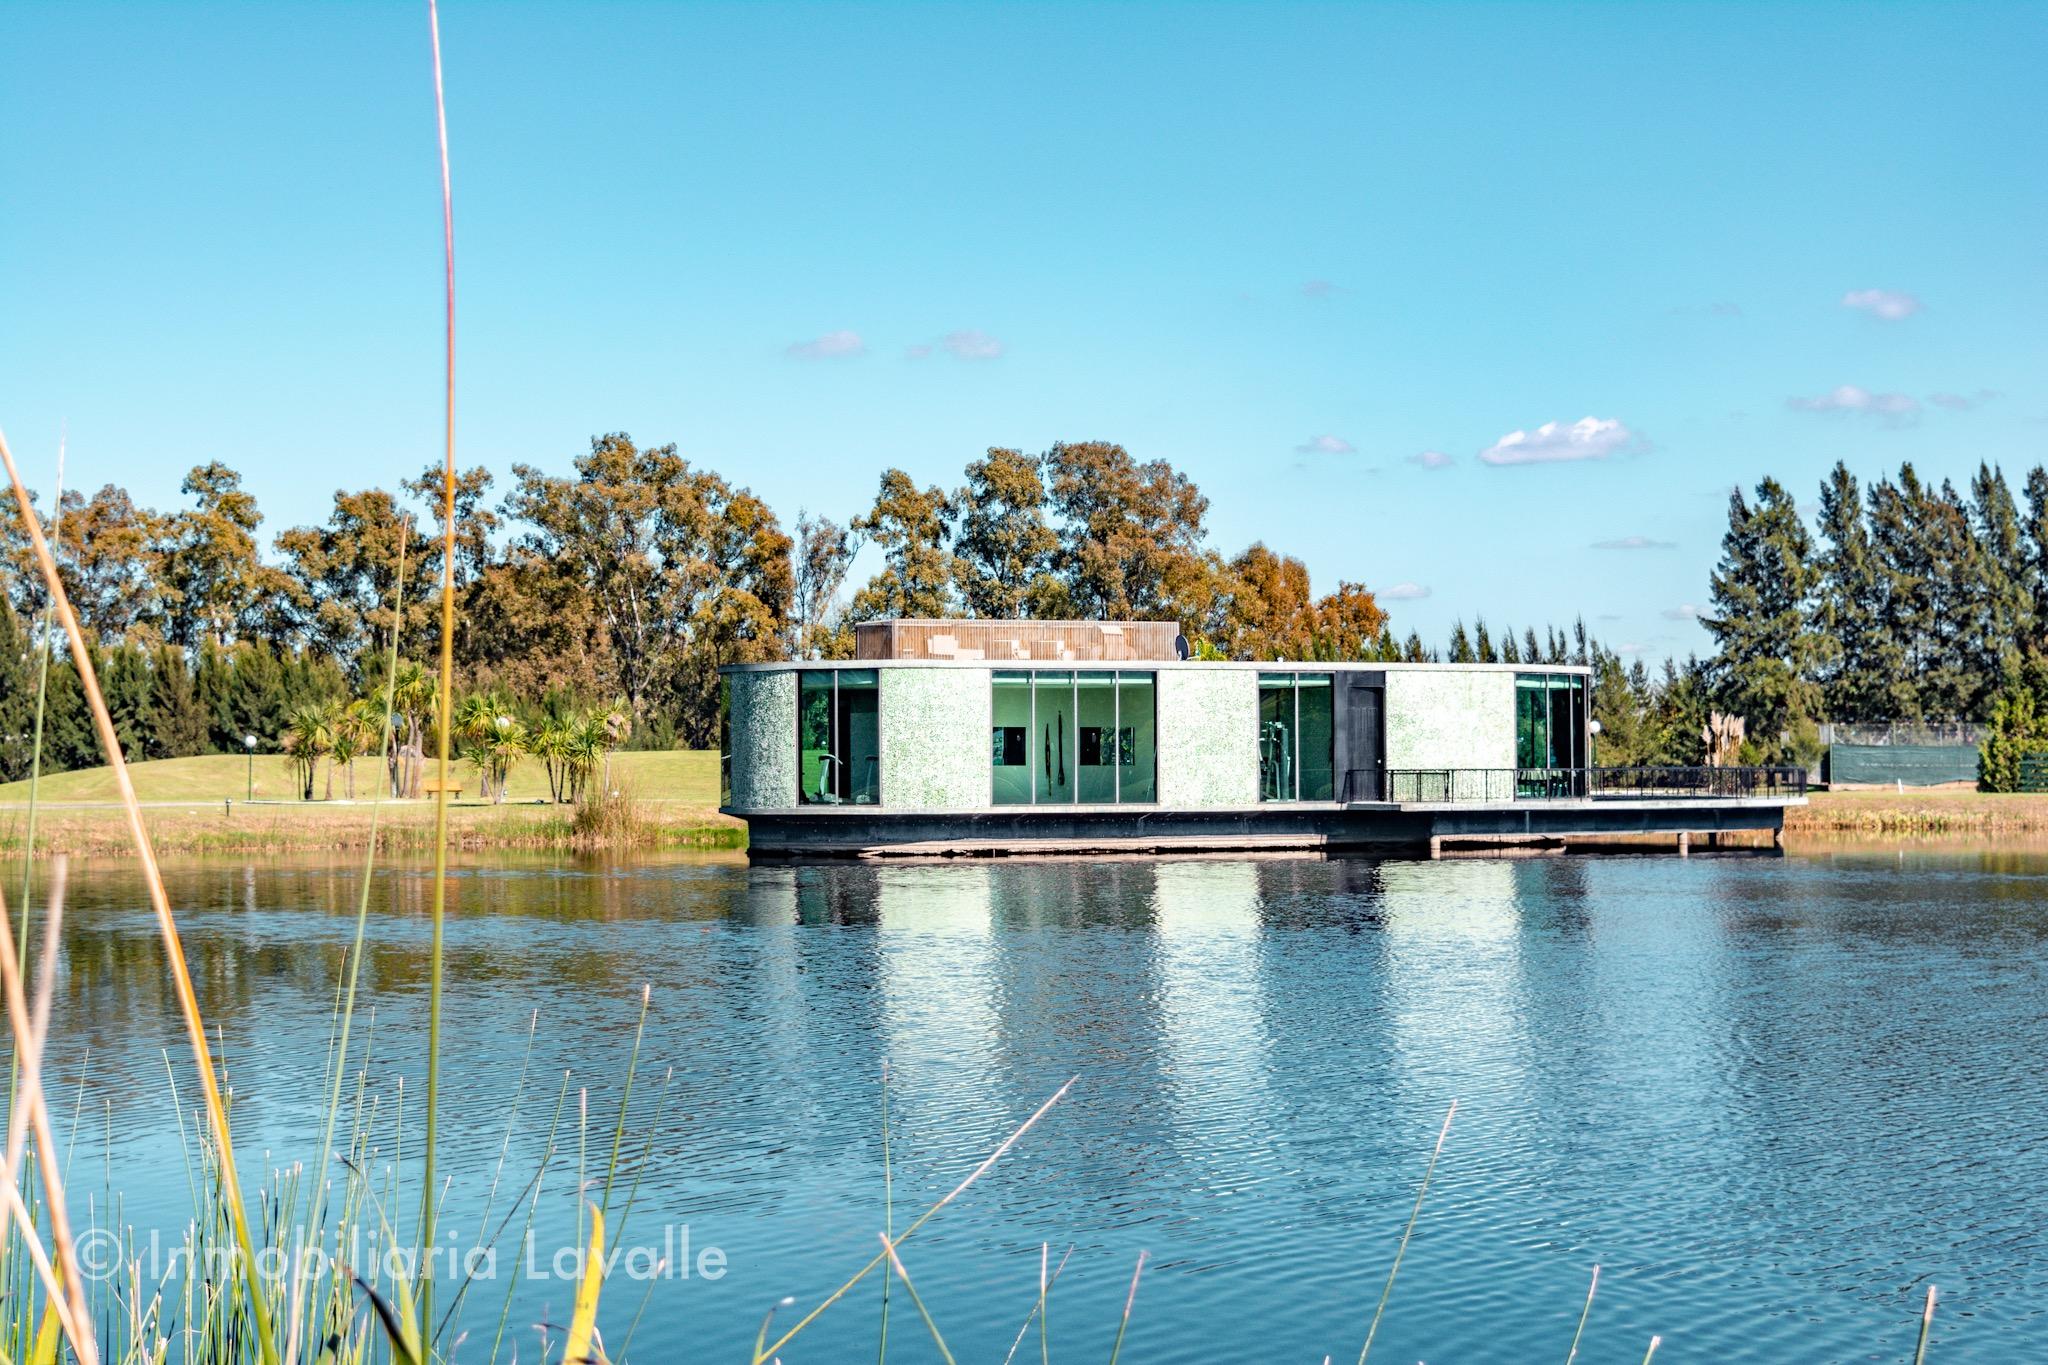 casa 4 ambientes en barrio cerrado la candida ruta 2 inmobiliaria lavalle propiedades quincho patio piscina pileta en venta